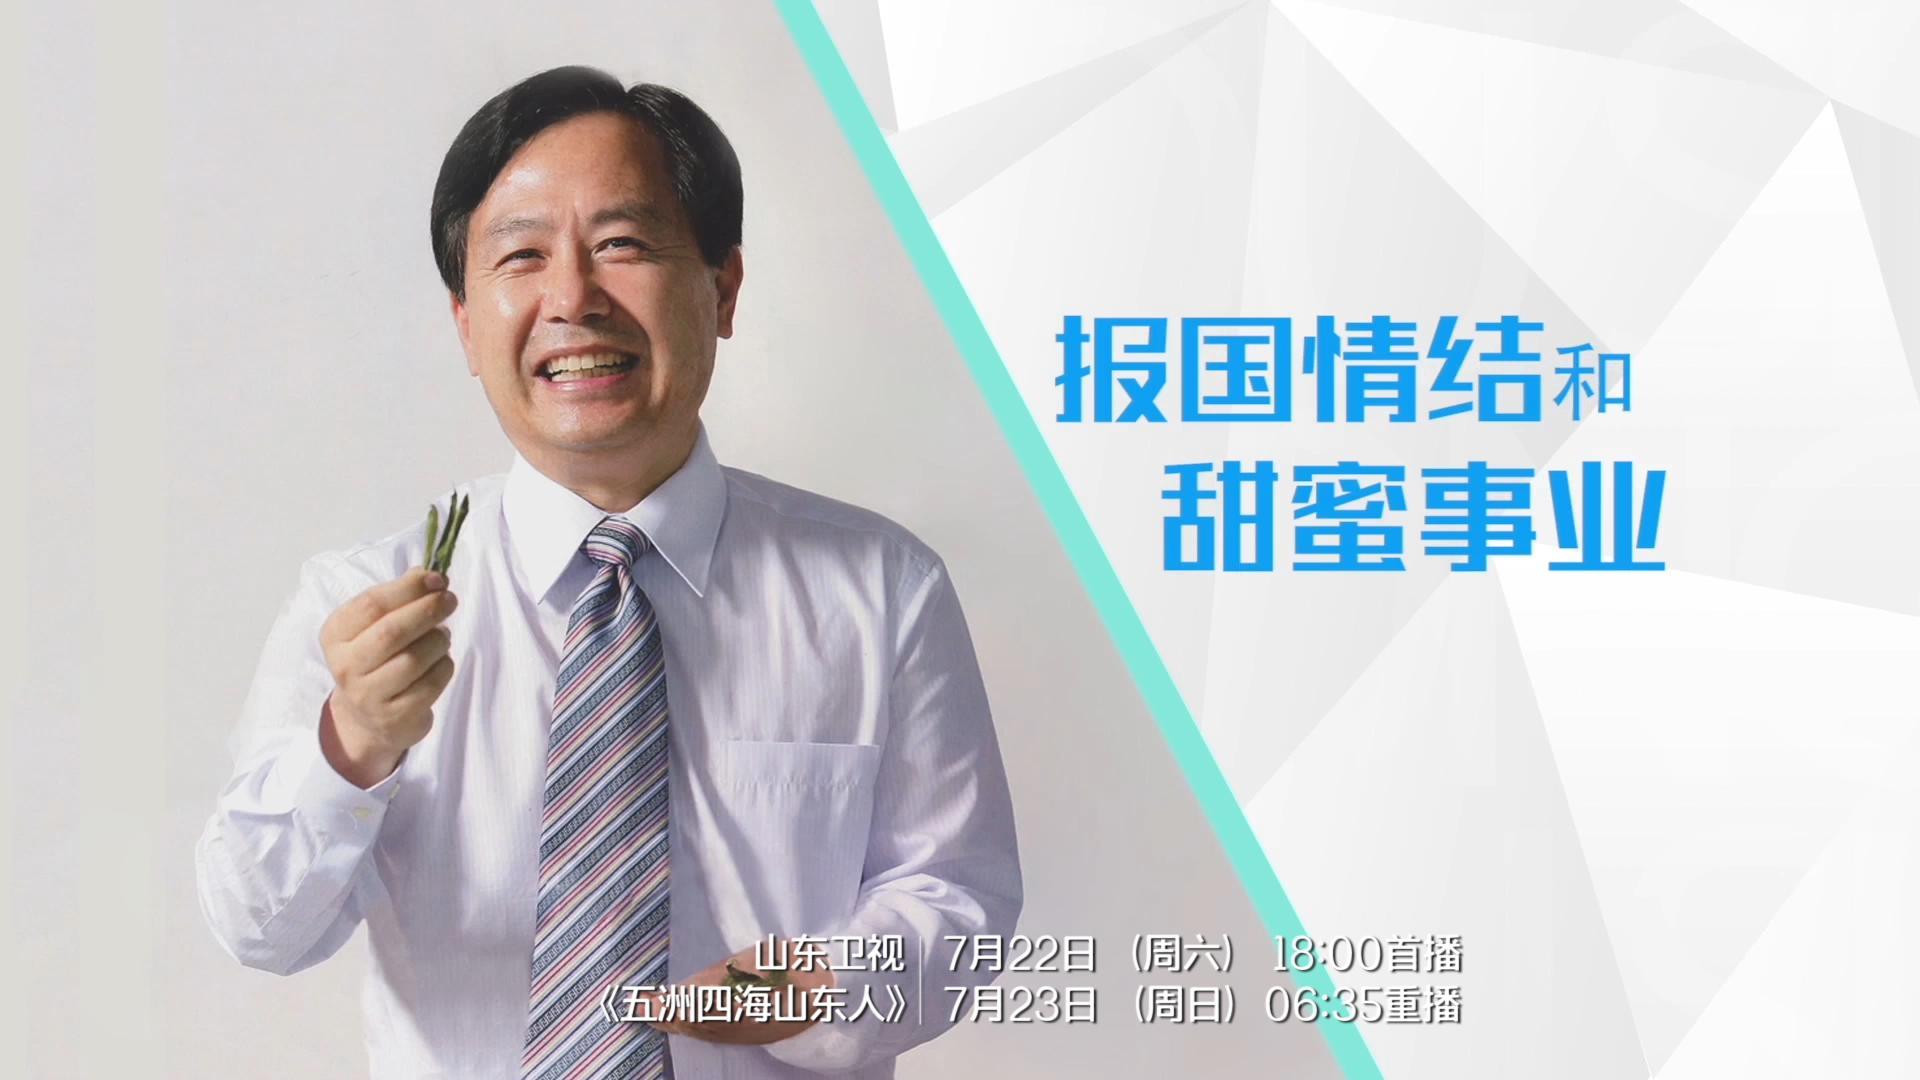 张永:报国情结和甜蜜事业